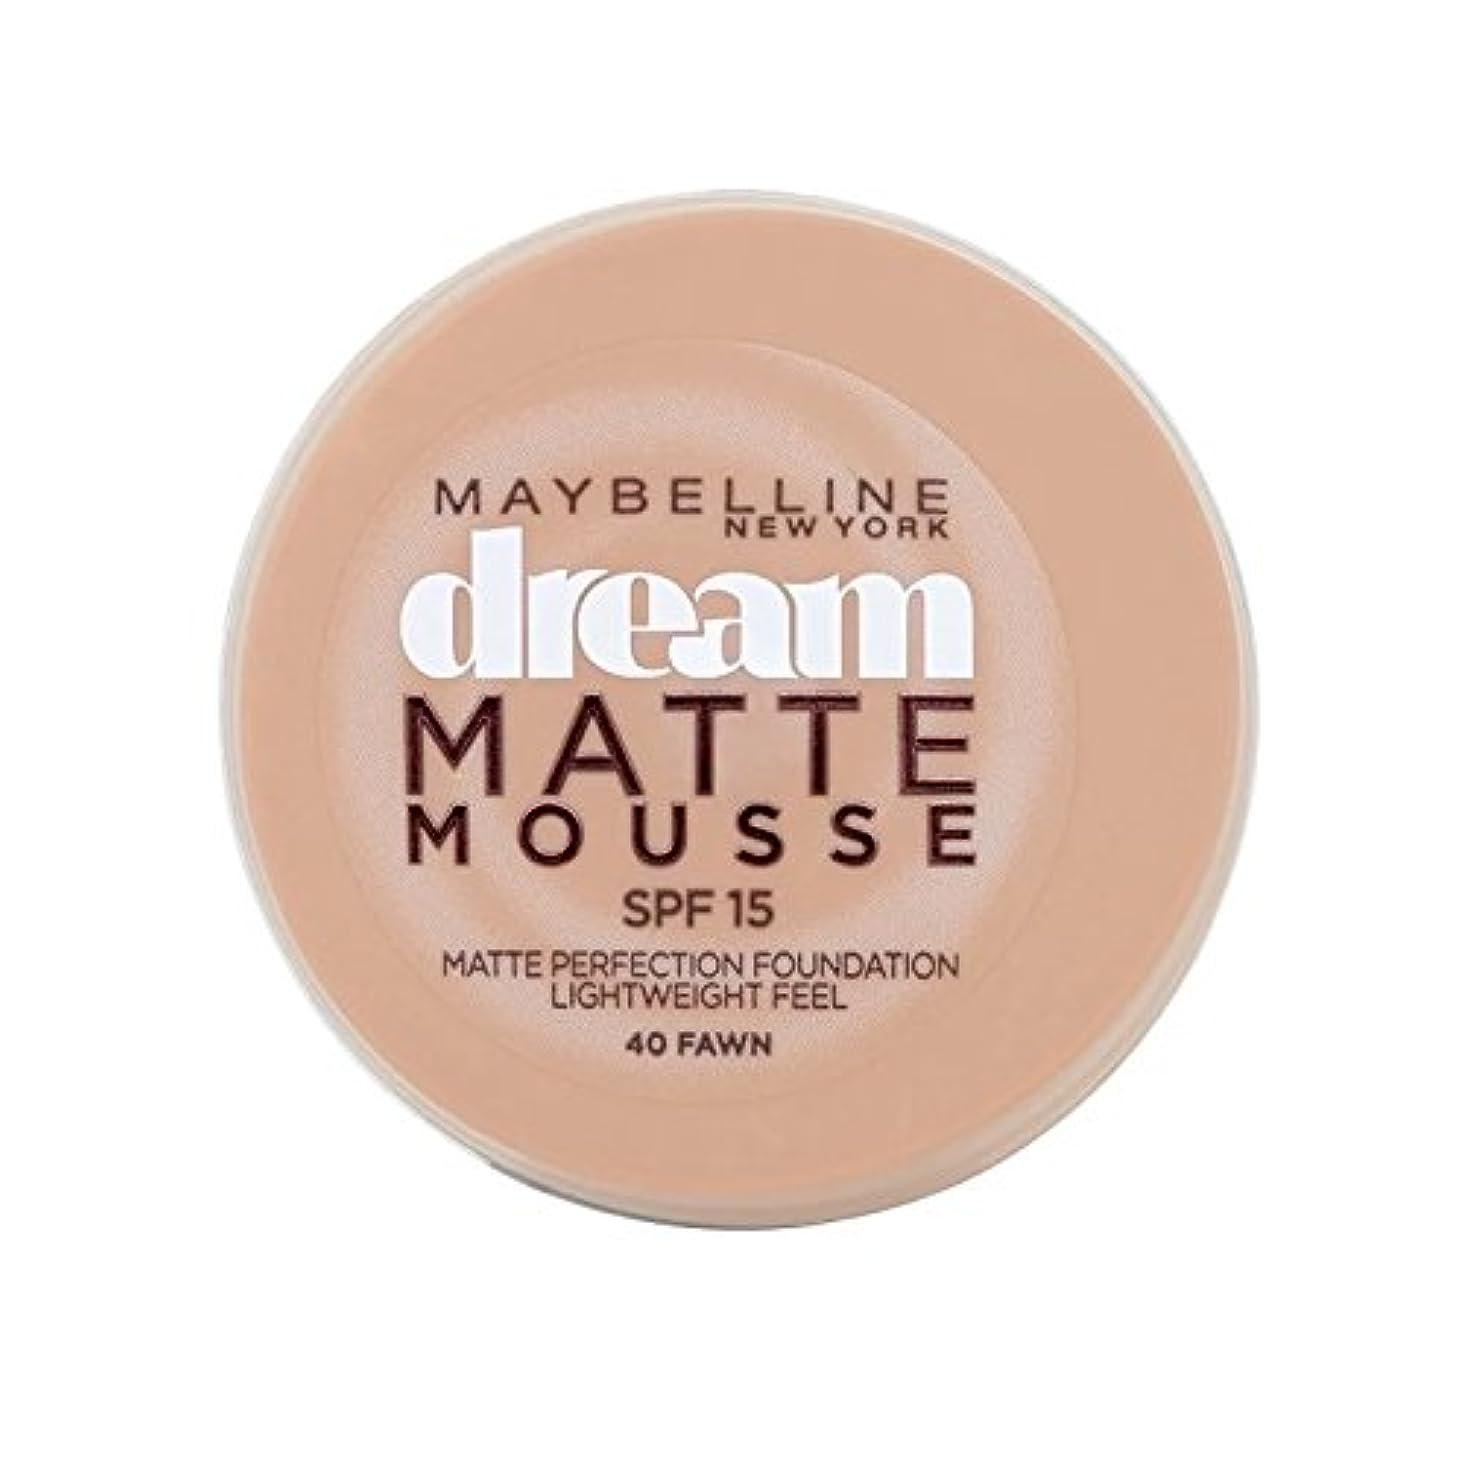 夜間引用サーバMaybelline Dream Matte Mousse Foundation 40 Fawn 10ml (Pack of 6) - メイベリン夢のマットムース土台40子鹿の10ミリリットル x6 [並行輸入品]